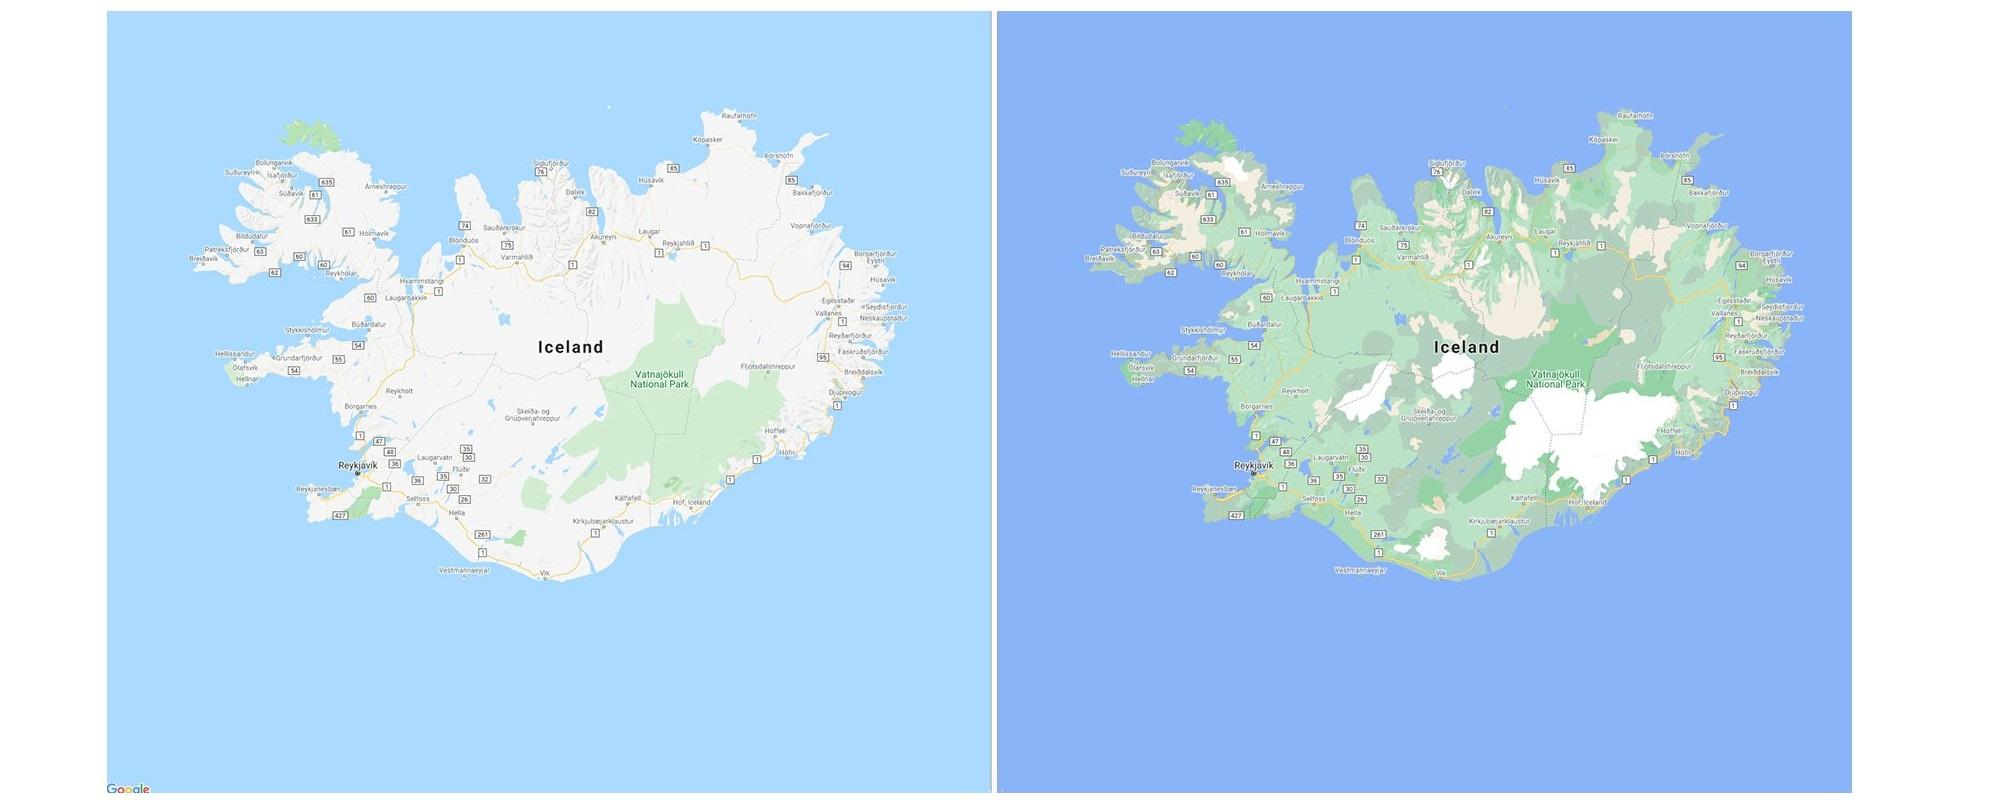 Mapy Google większa szczegółowość more detalis